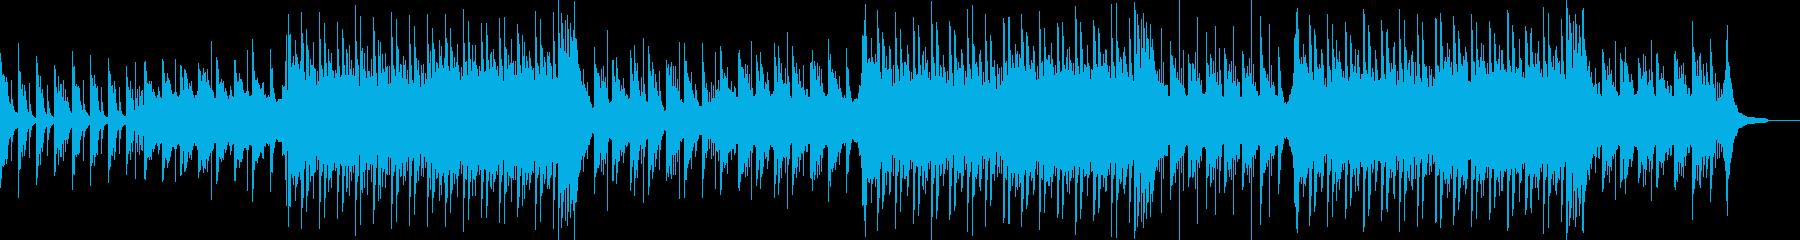 感動的でドラマティックな和風楽曲/BGMの再生済みの波形